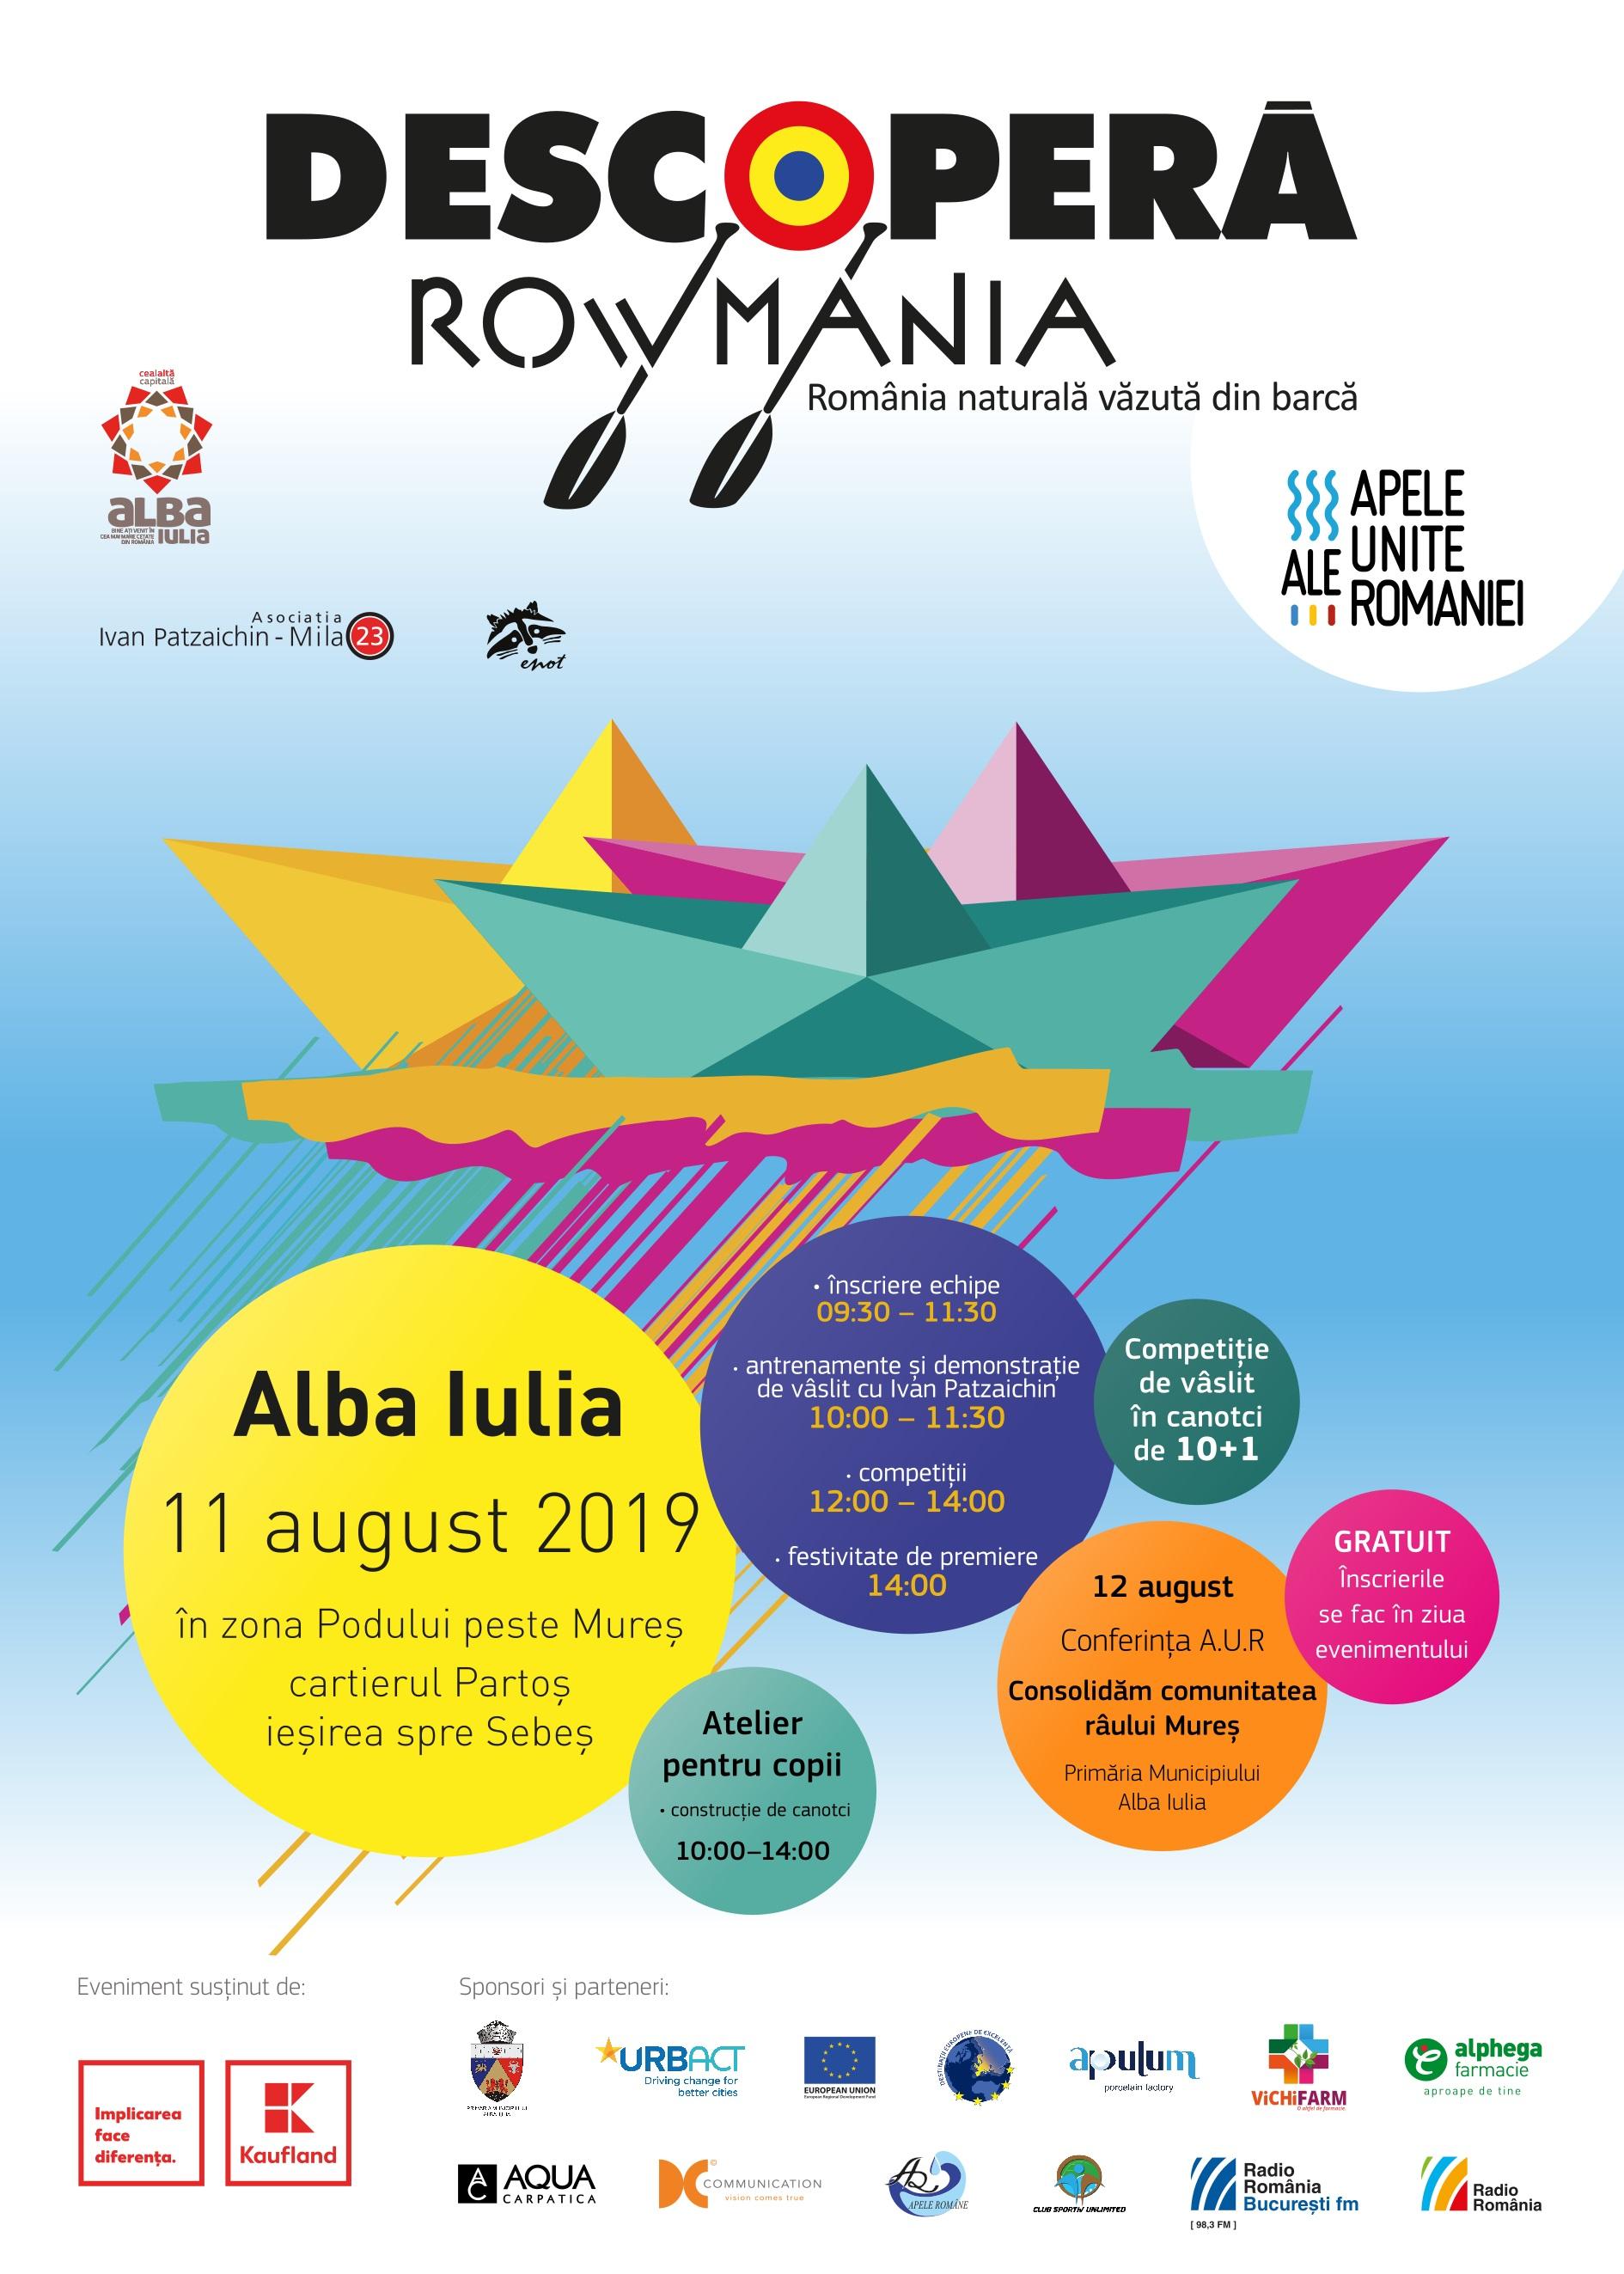 Farmaciile Alphega, aproape de natură și  de participanții la Descoperă Rowmania